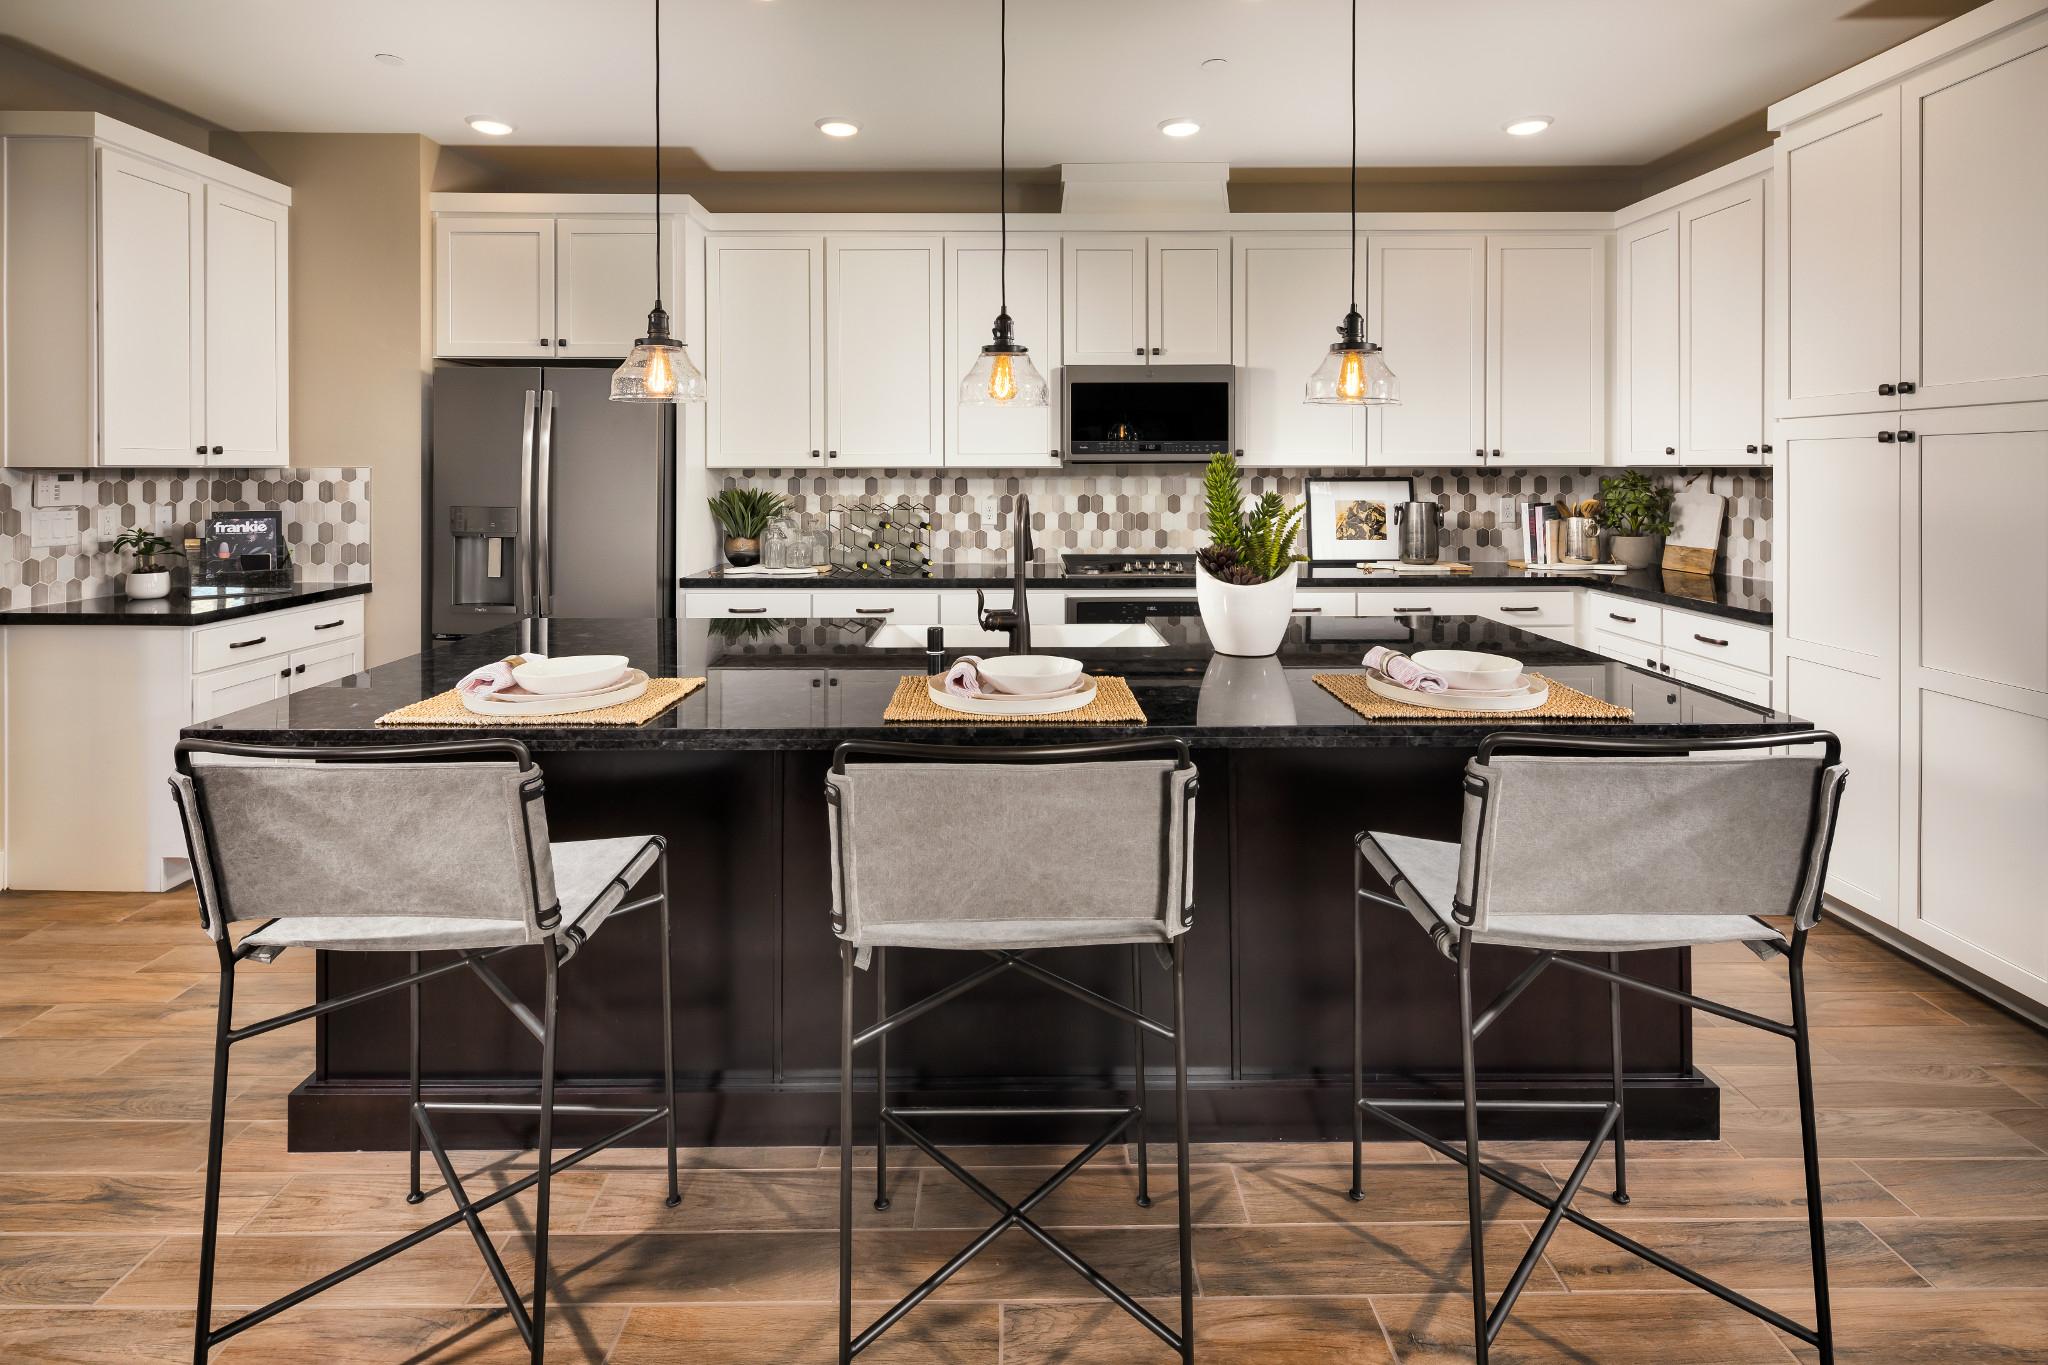 Trilogy Summerlin Retreat Kitchen